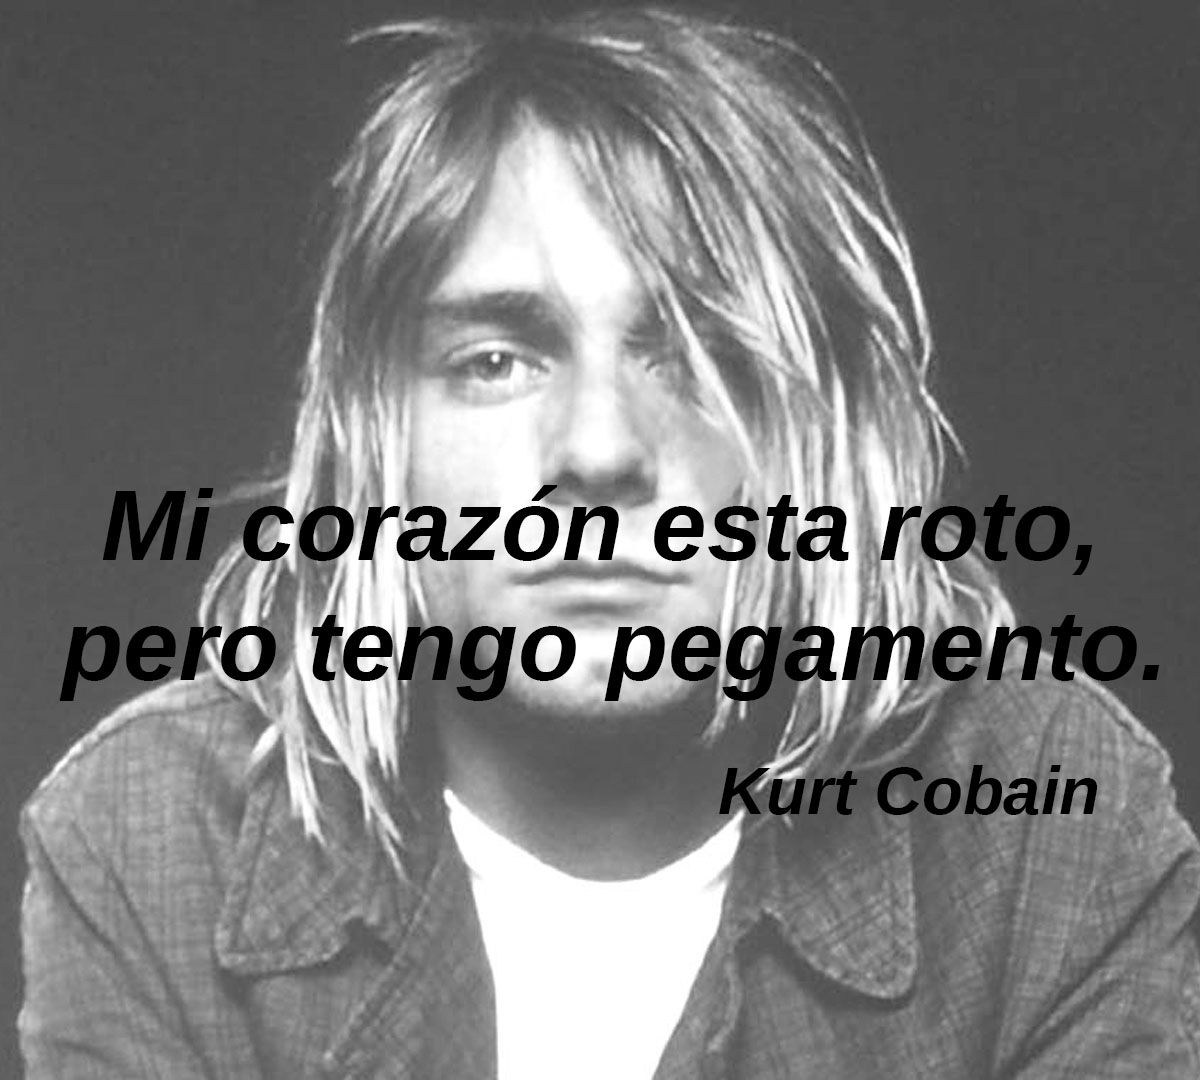 frases celebres de kurt cobain de Kurt Cobain